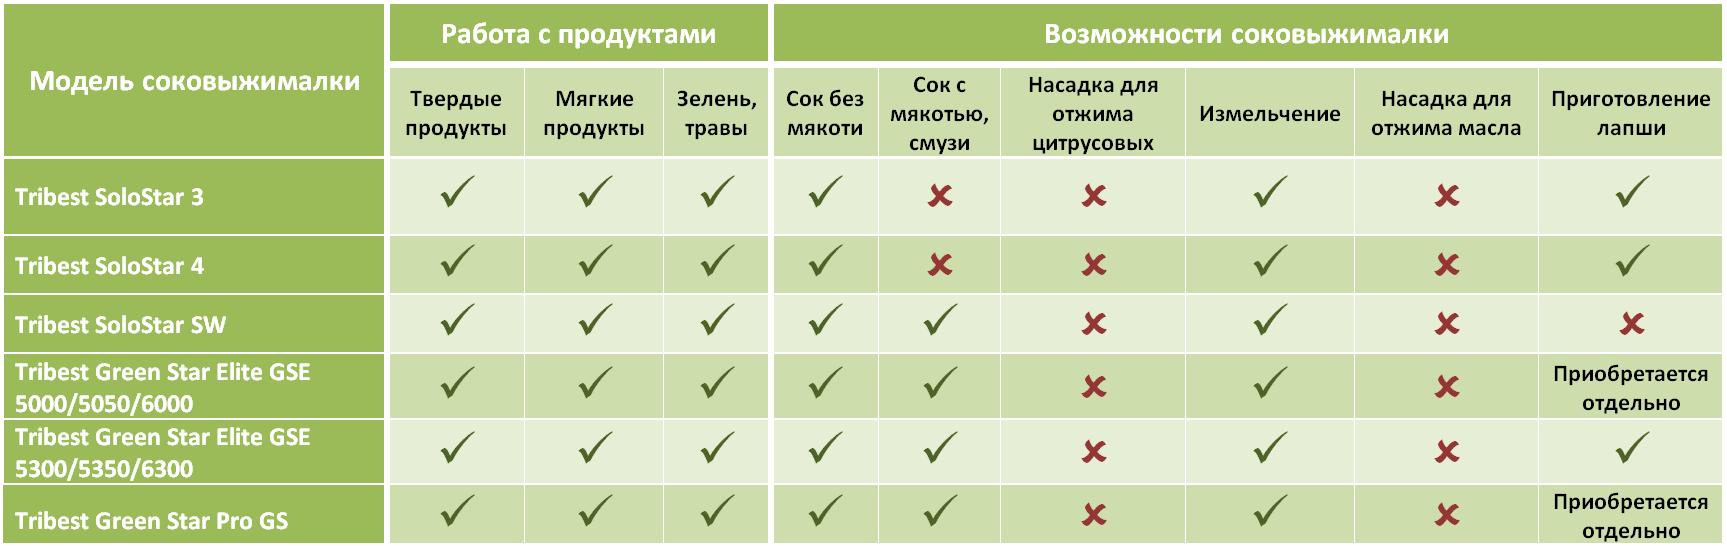 sravnitelnaya-tablica-sokovyzhimalok-tribest